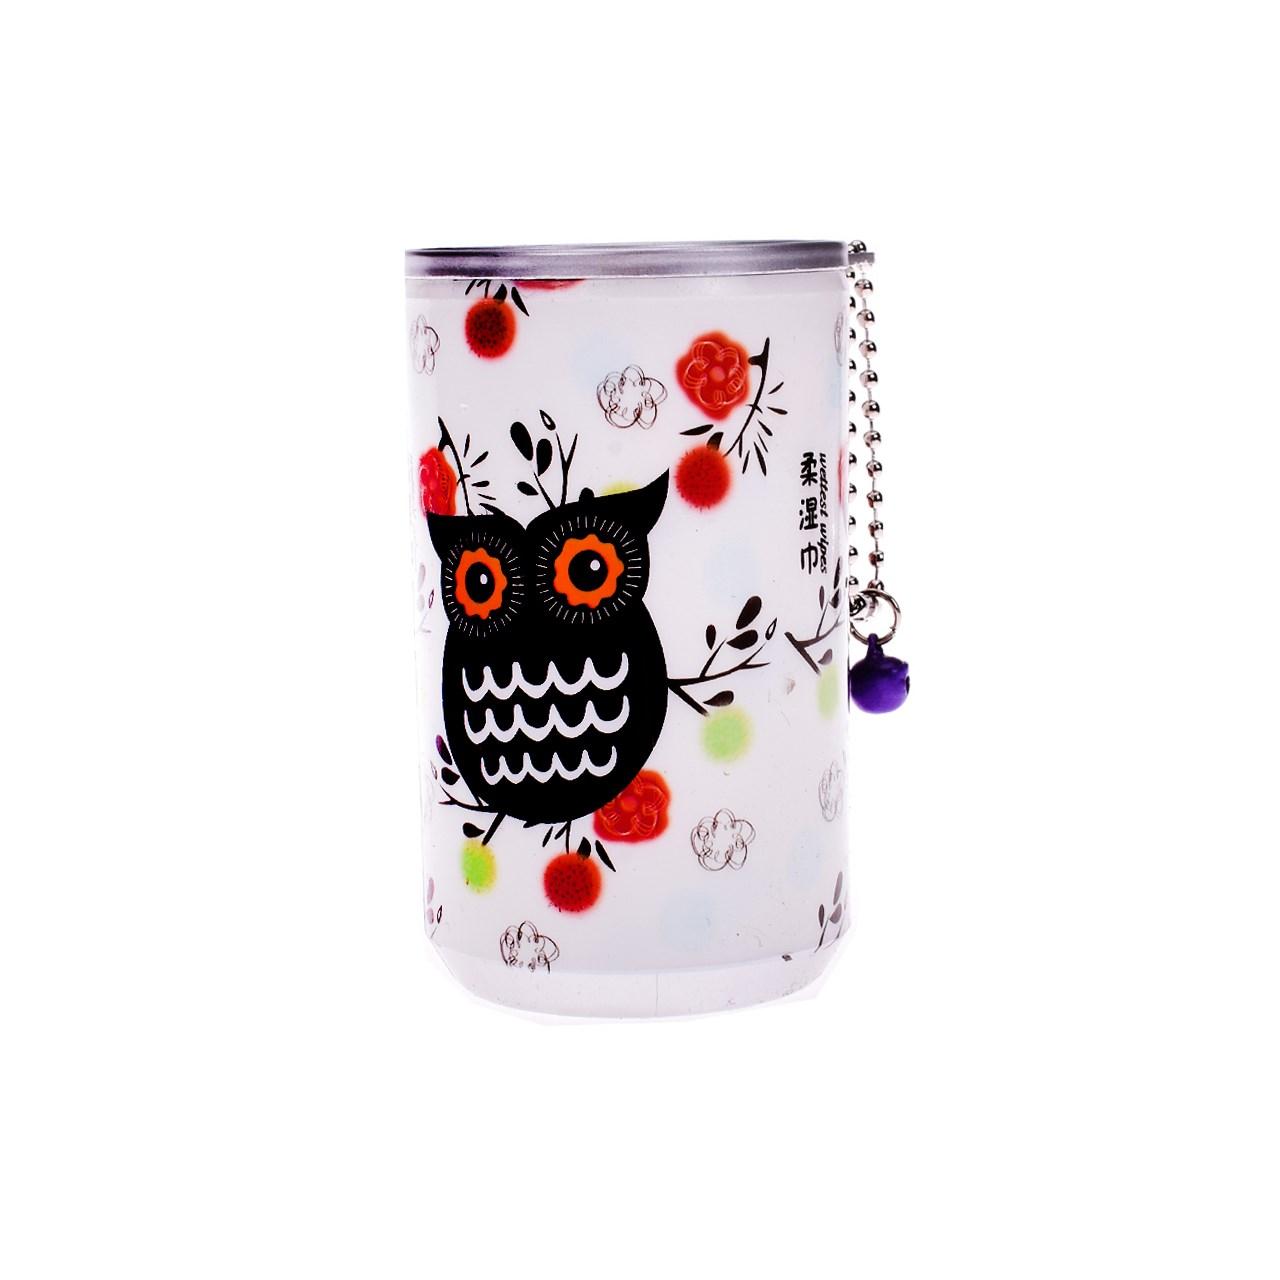 قیمت دستمال مرطوب ترانه مدل owl 4 بسته 30 عددی